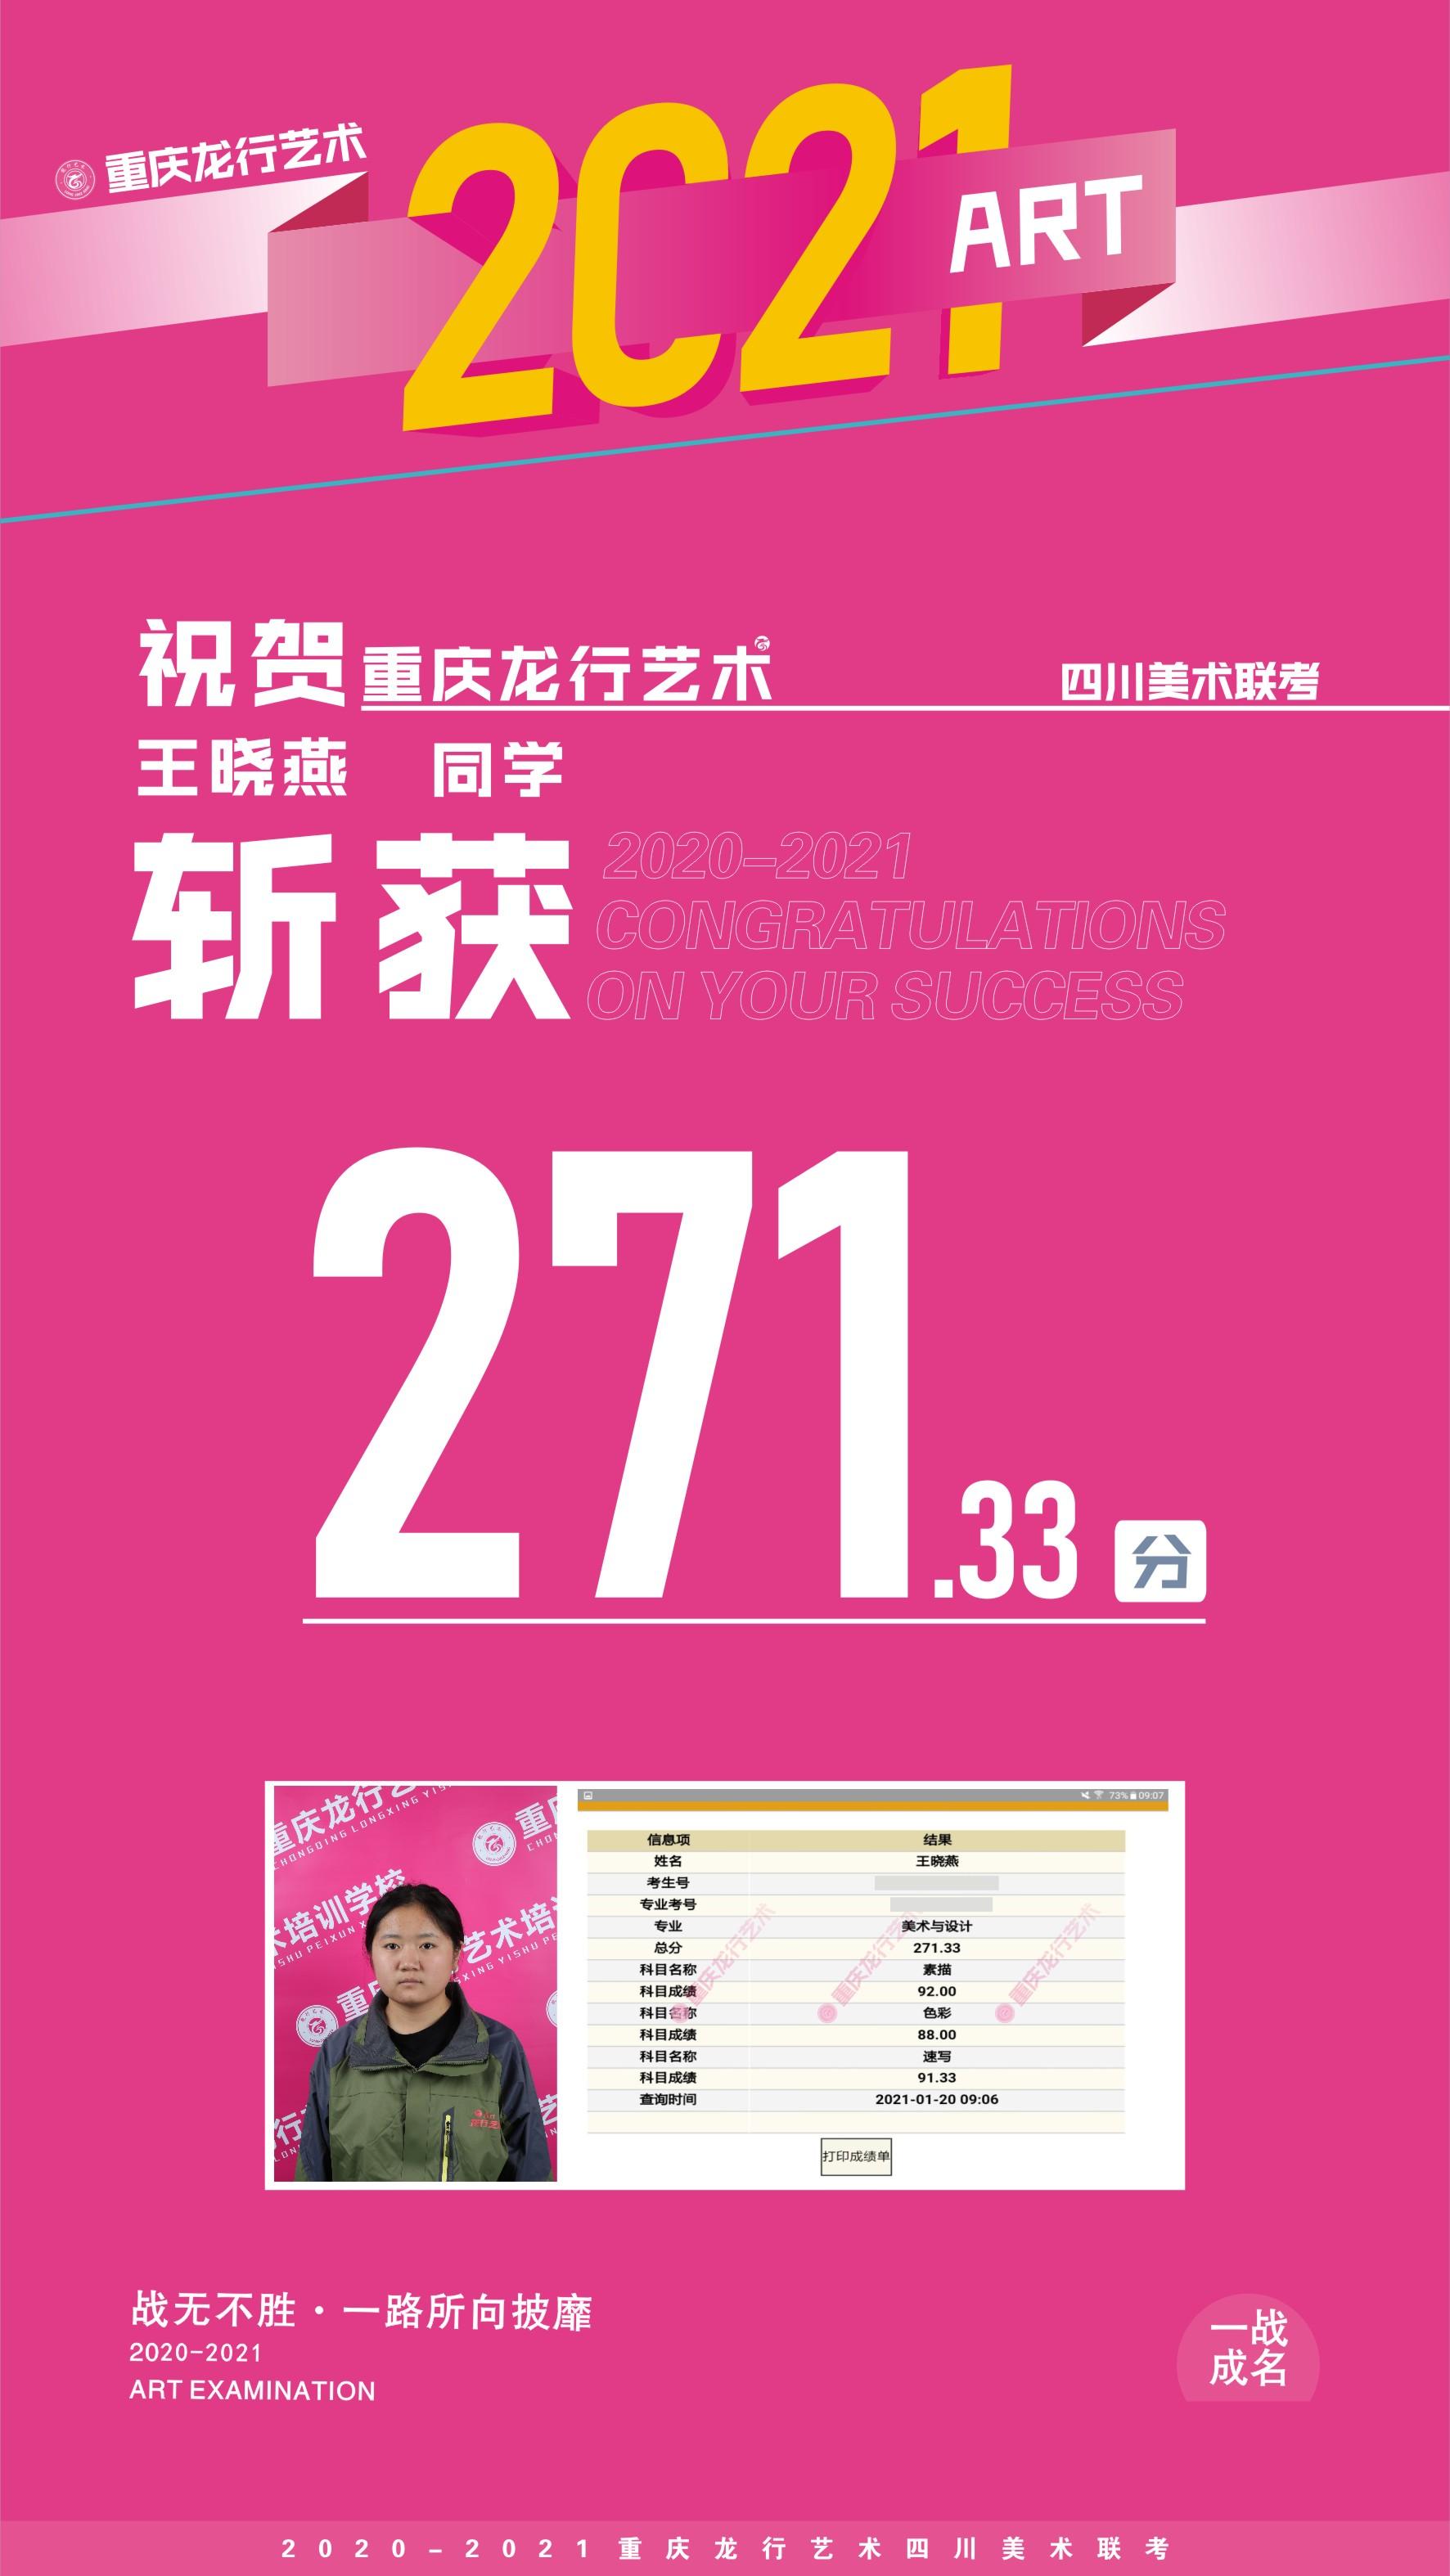 重庆龙行艺术画室优秀学员一王晓燕